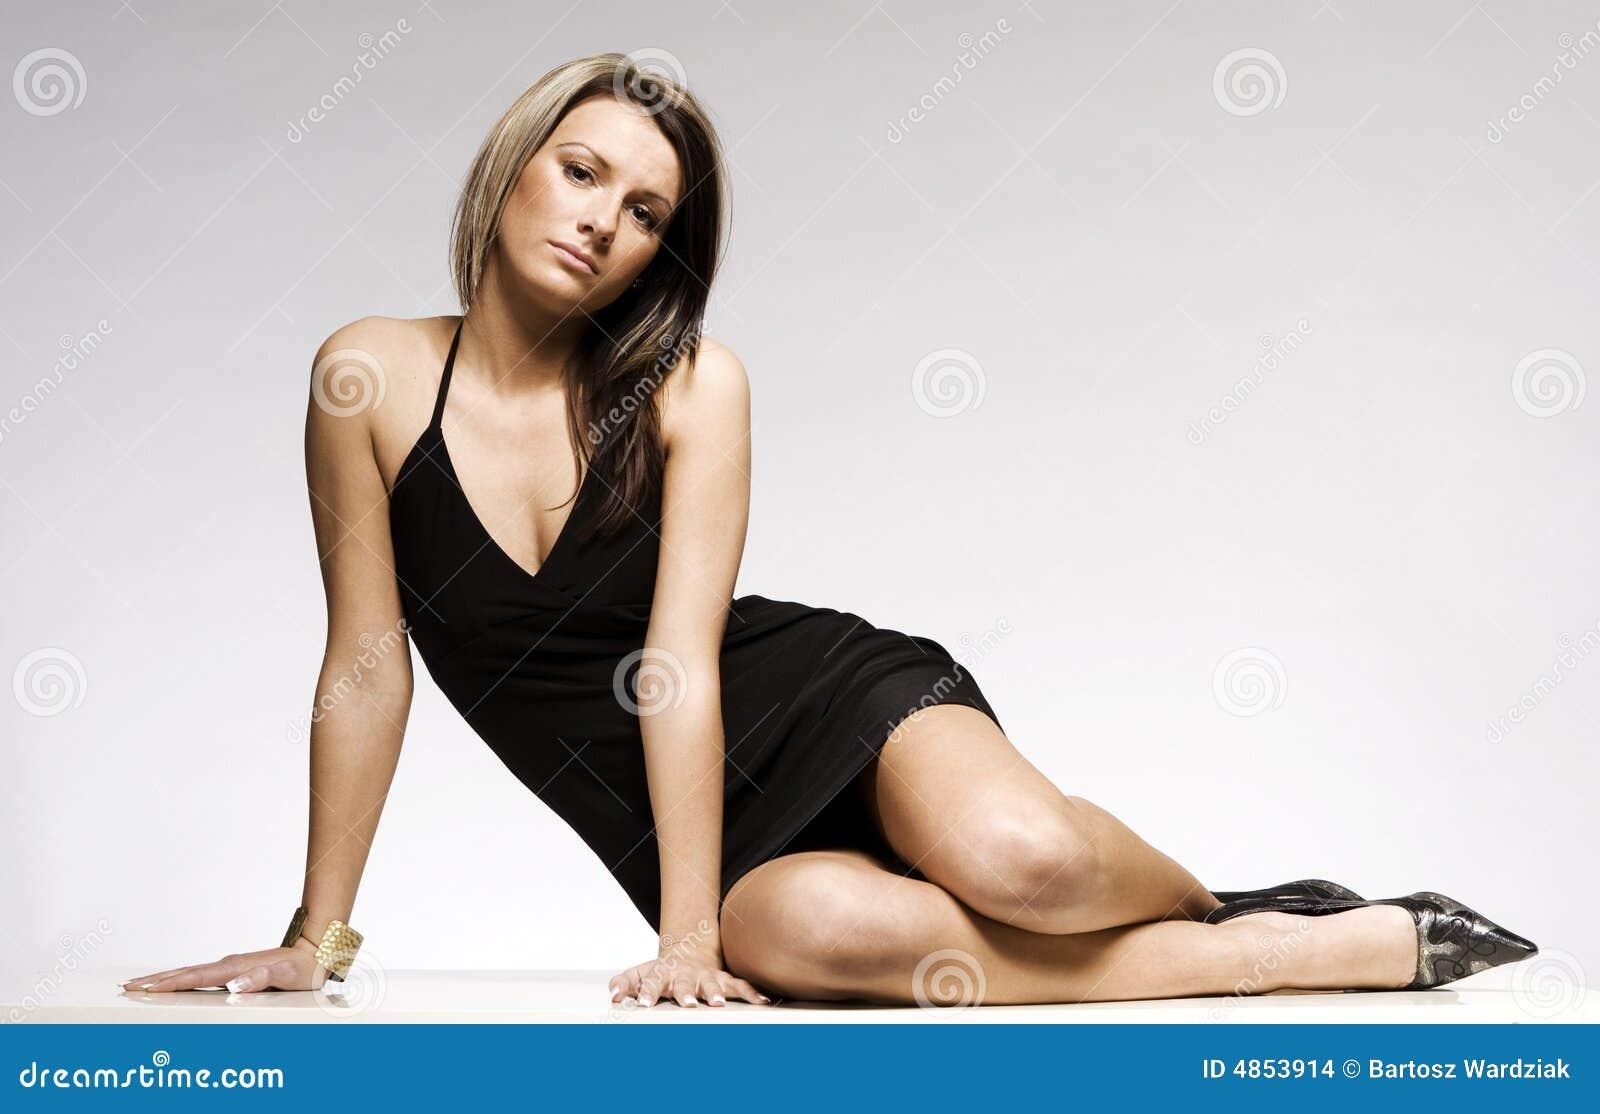 sch nes blondes m dchen das schwarzes minikleid tr gt stockfoto bild von fahrwerkbeine. Black Bedroom Furniture Sets. Home Design Ideas